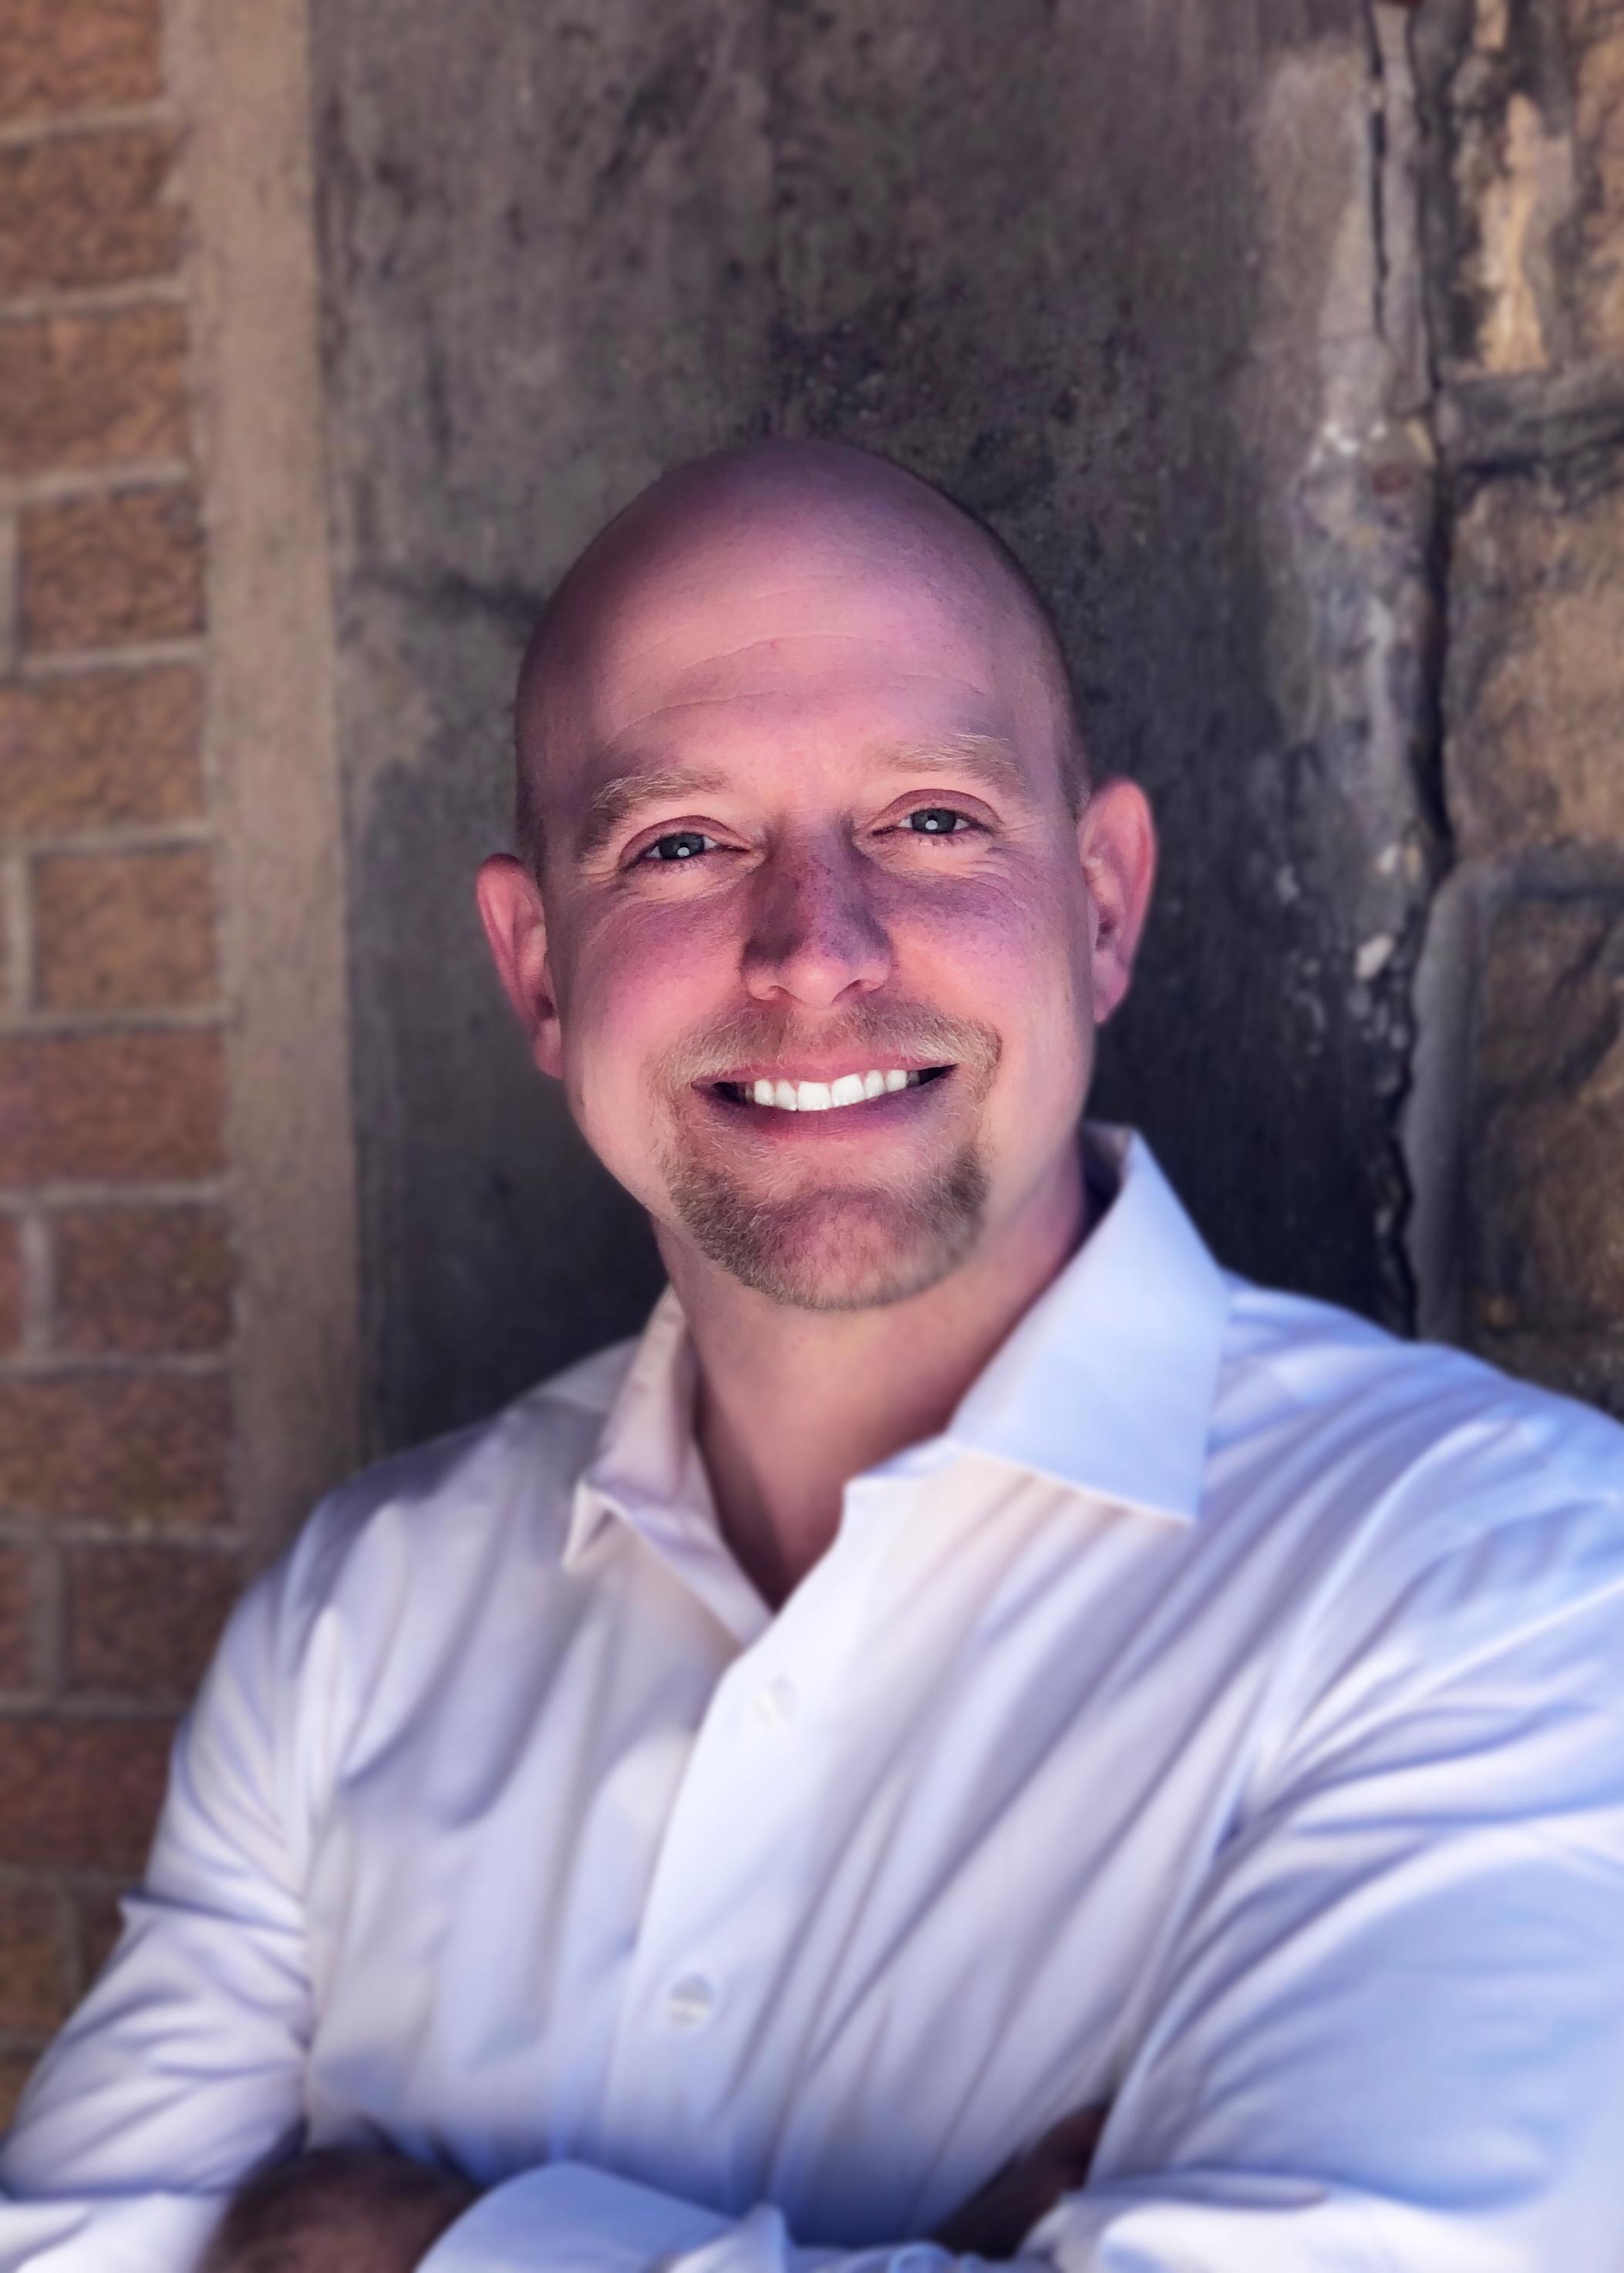 Daniel W. Bertelson